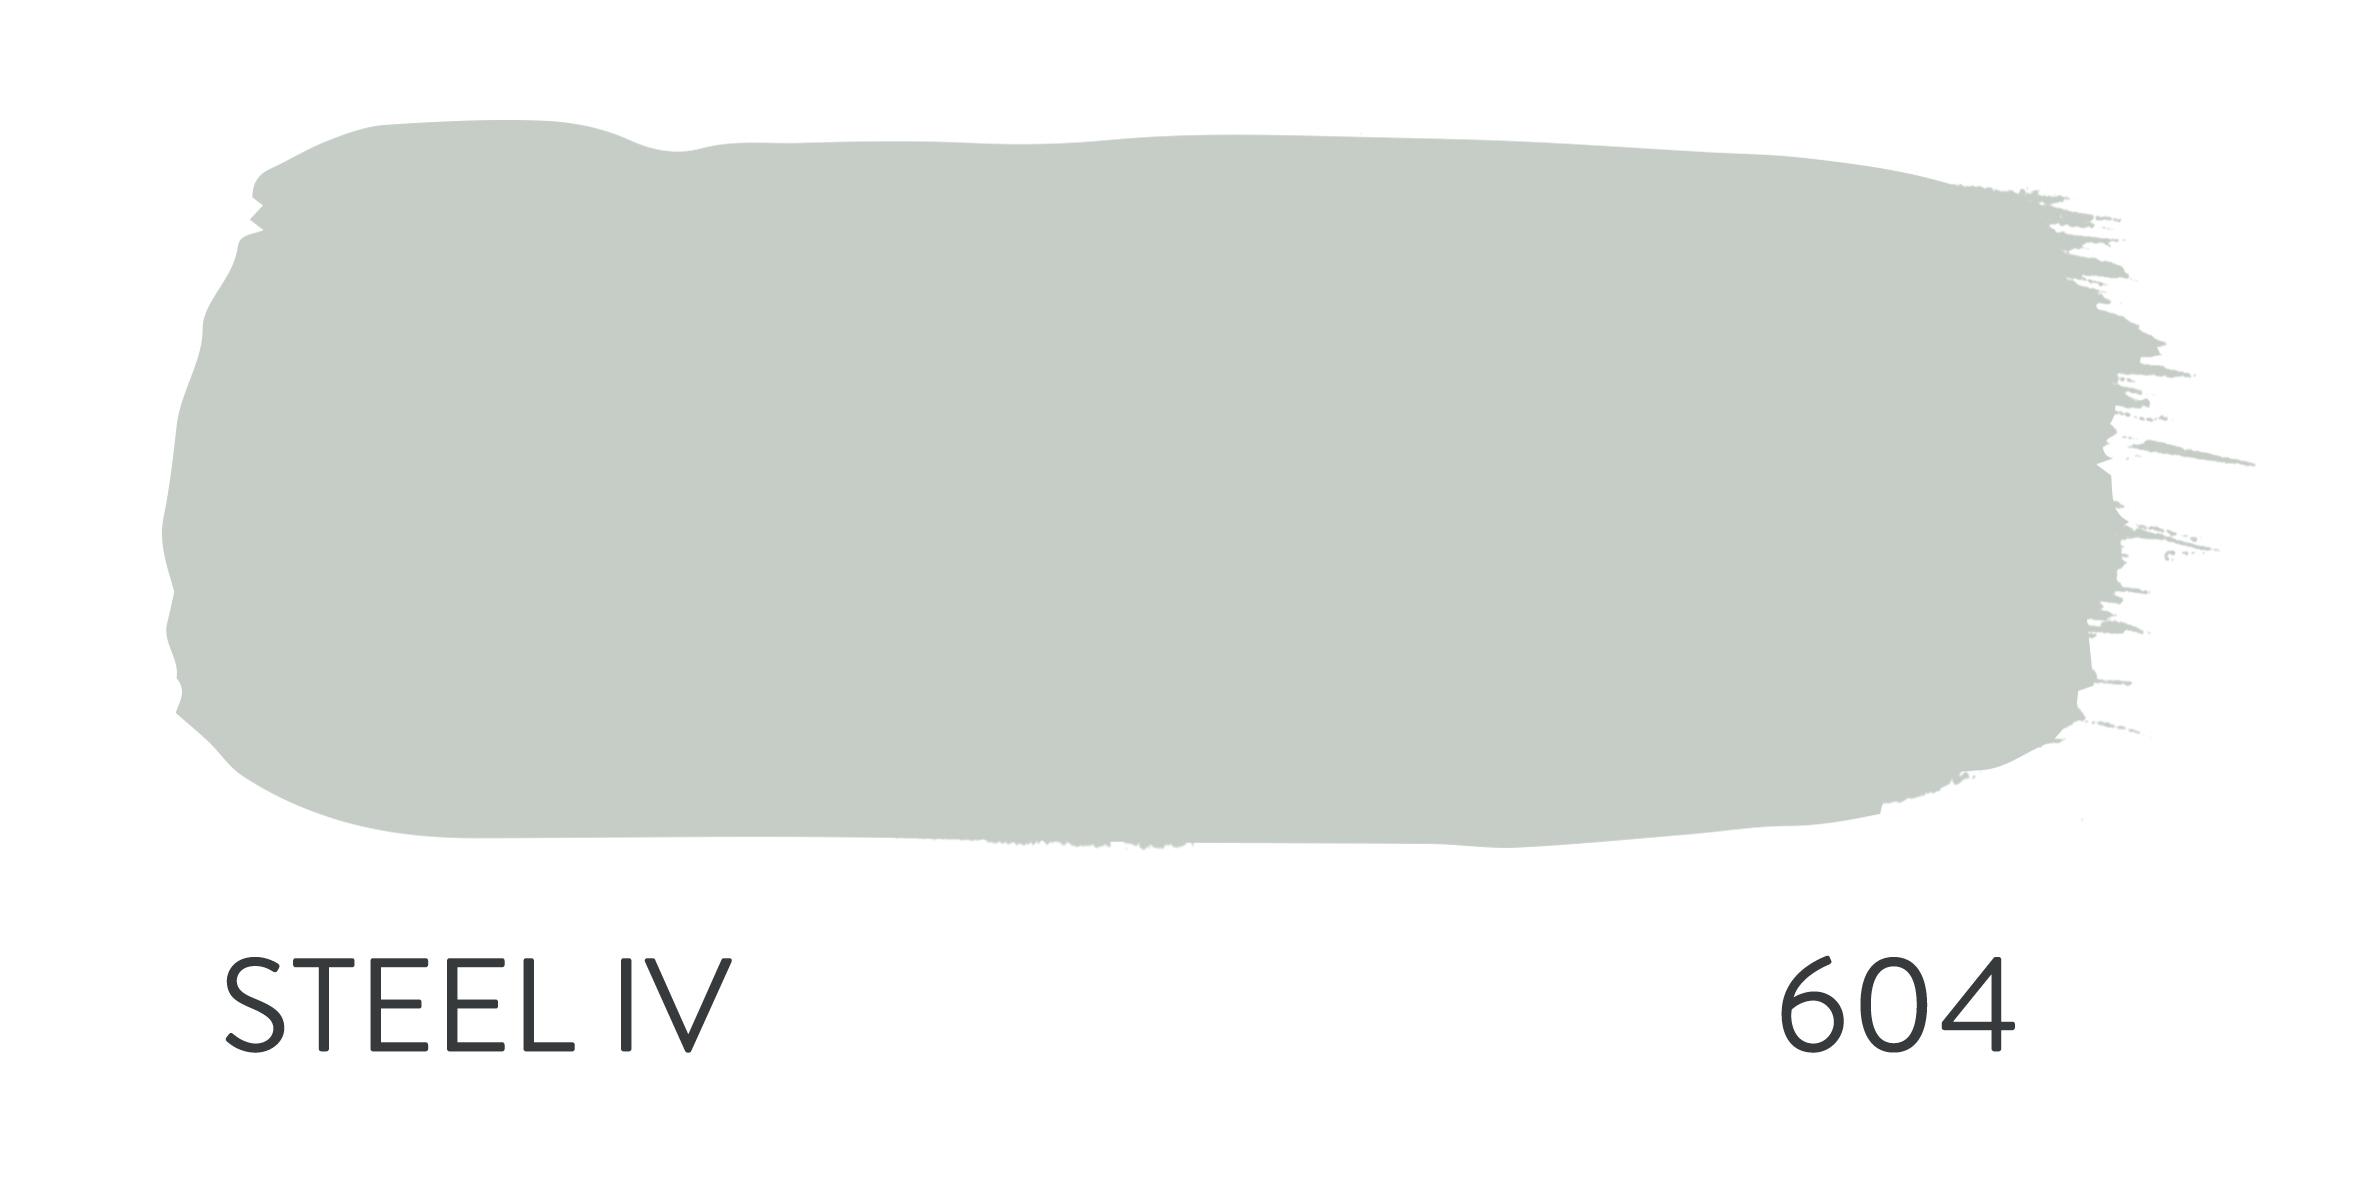 STEEL IV 604.jpg